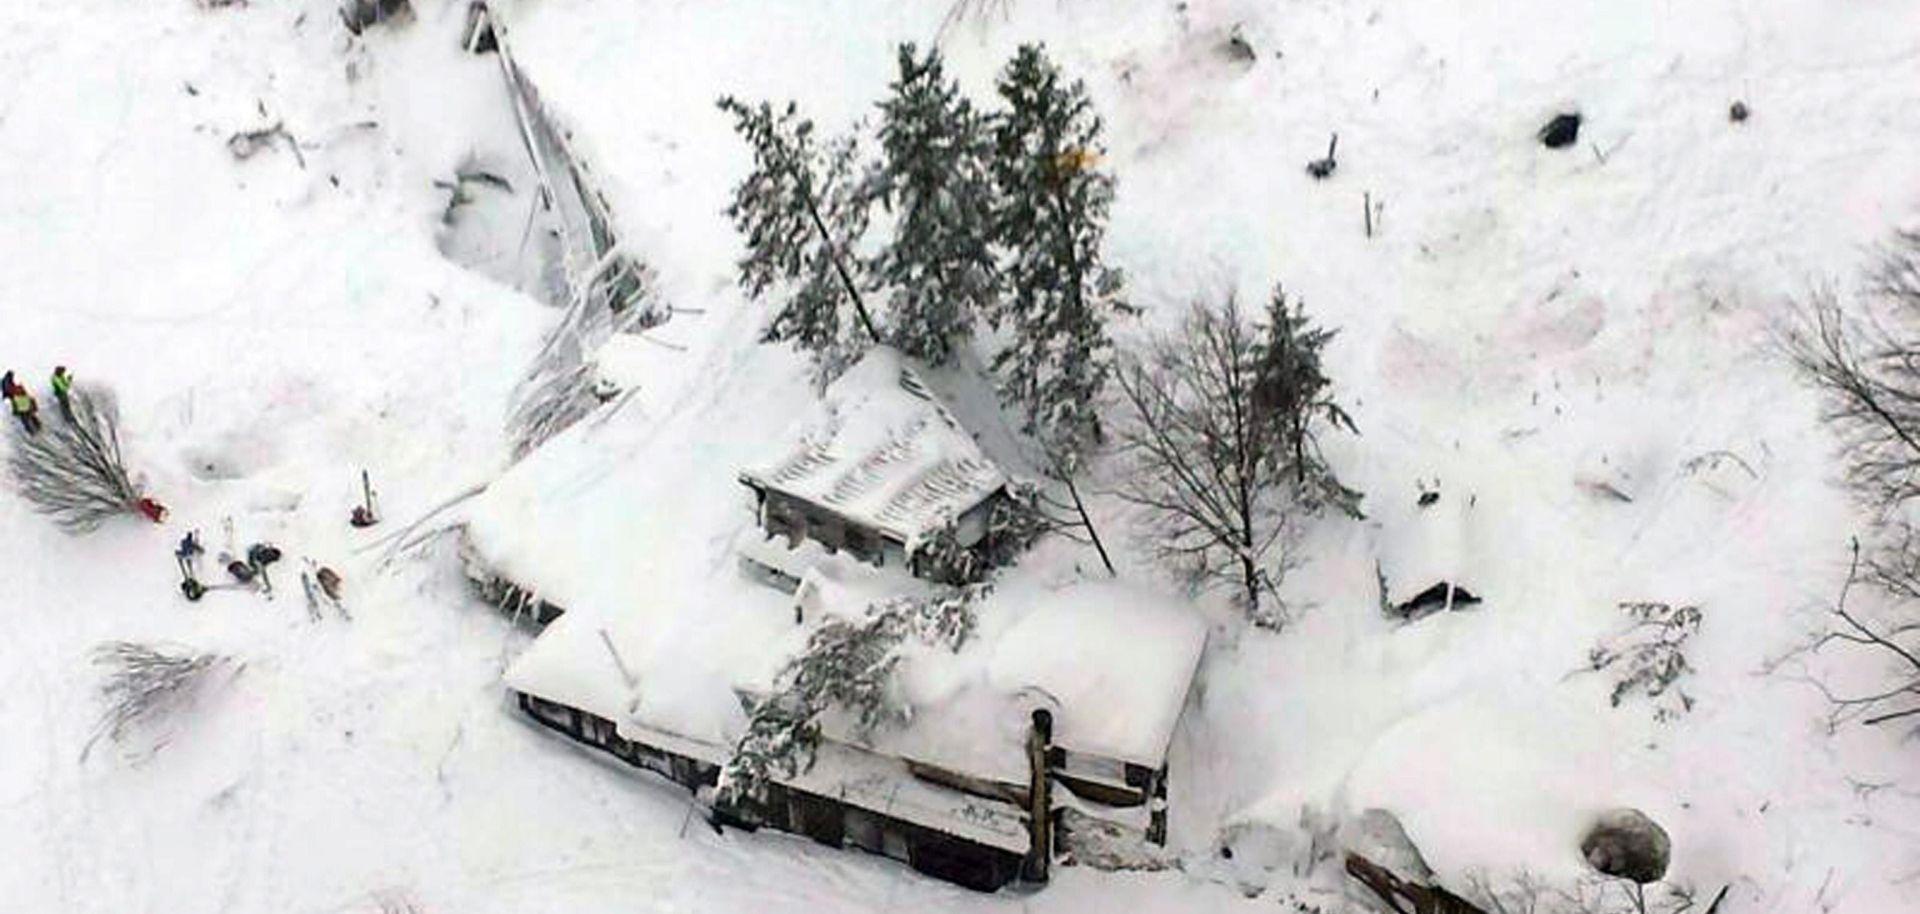 Spašeno šest osoba u hotelu zatrpanom lavinom